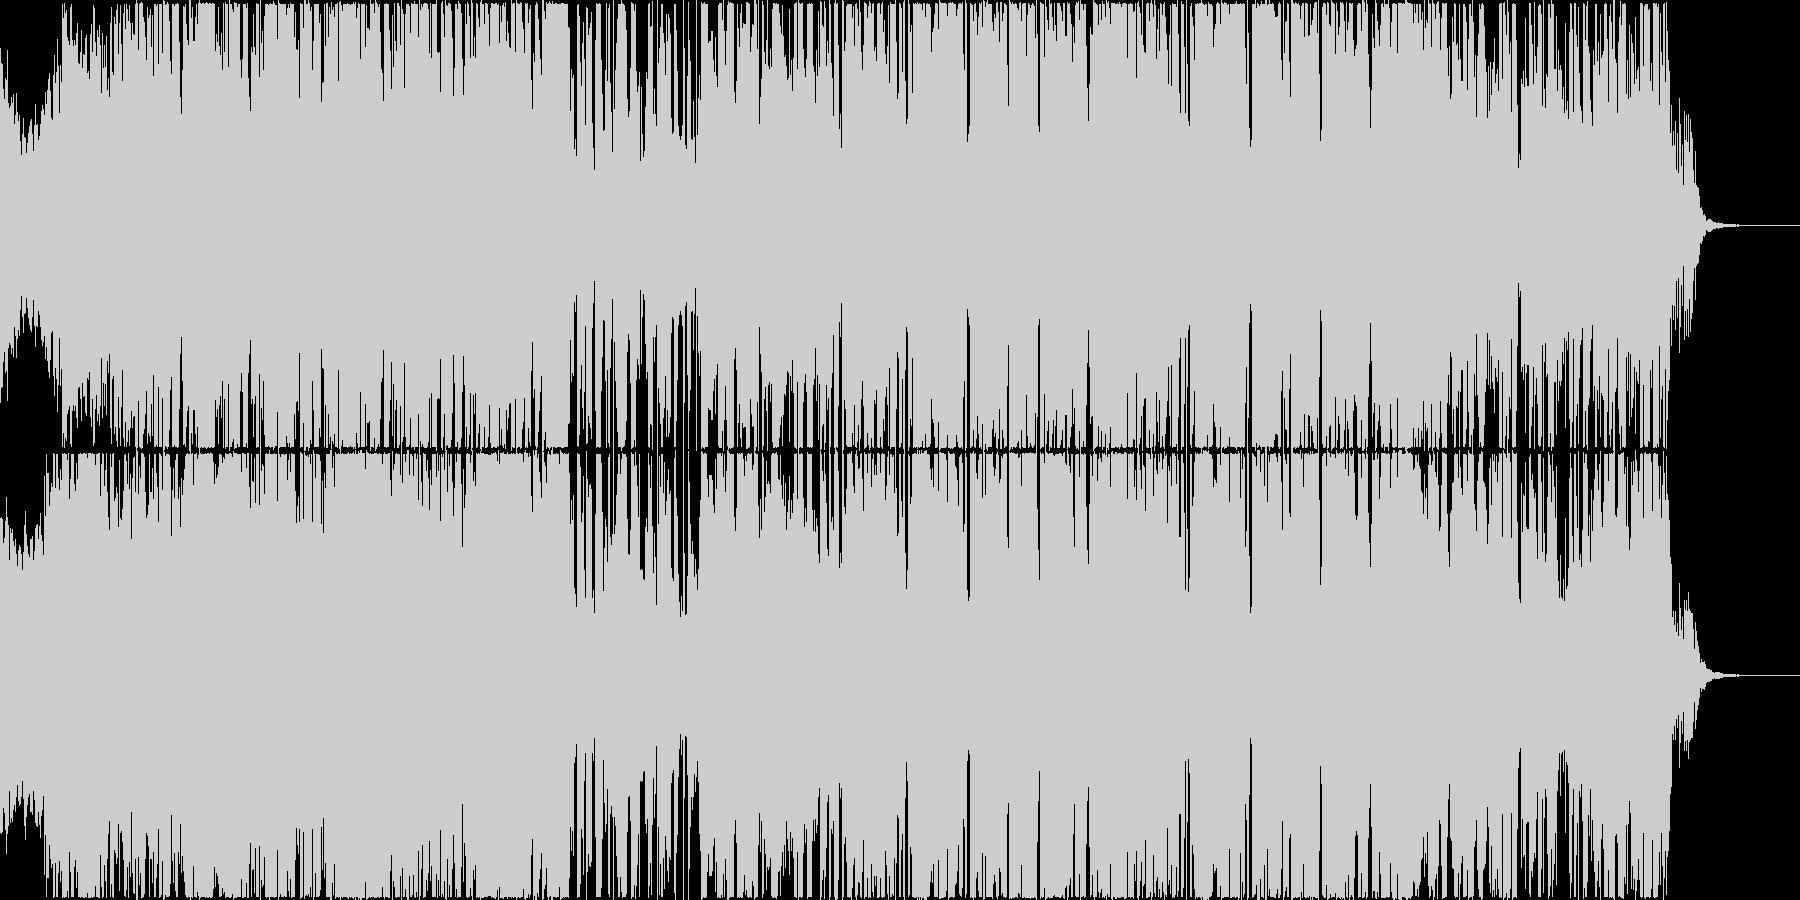 サックスとトラップのビートが印象的な楽曲の未再生の波形